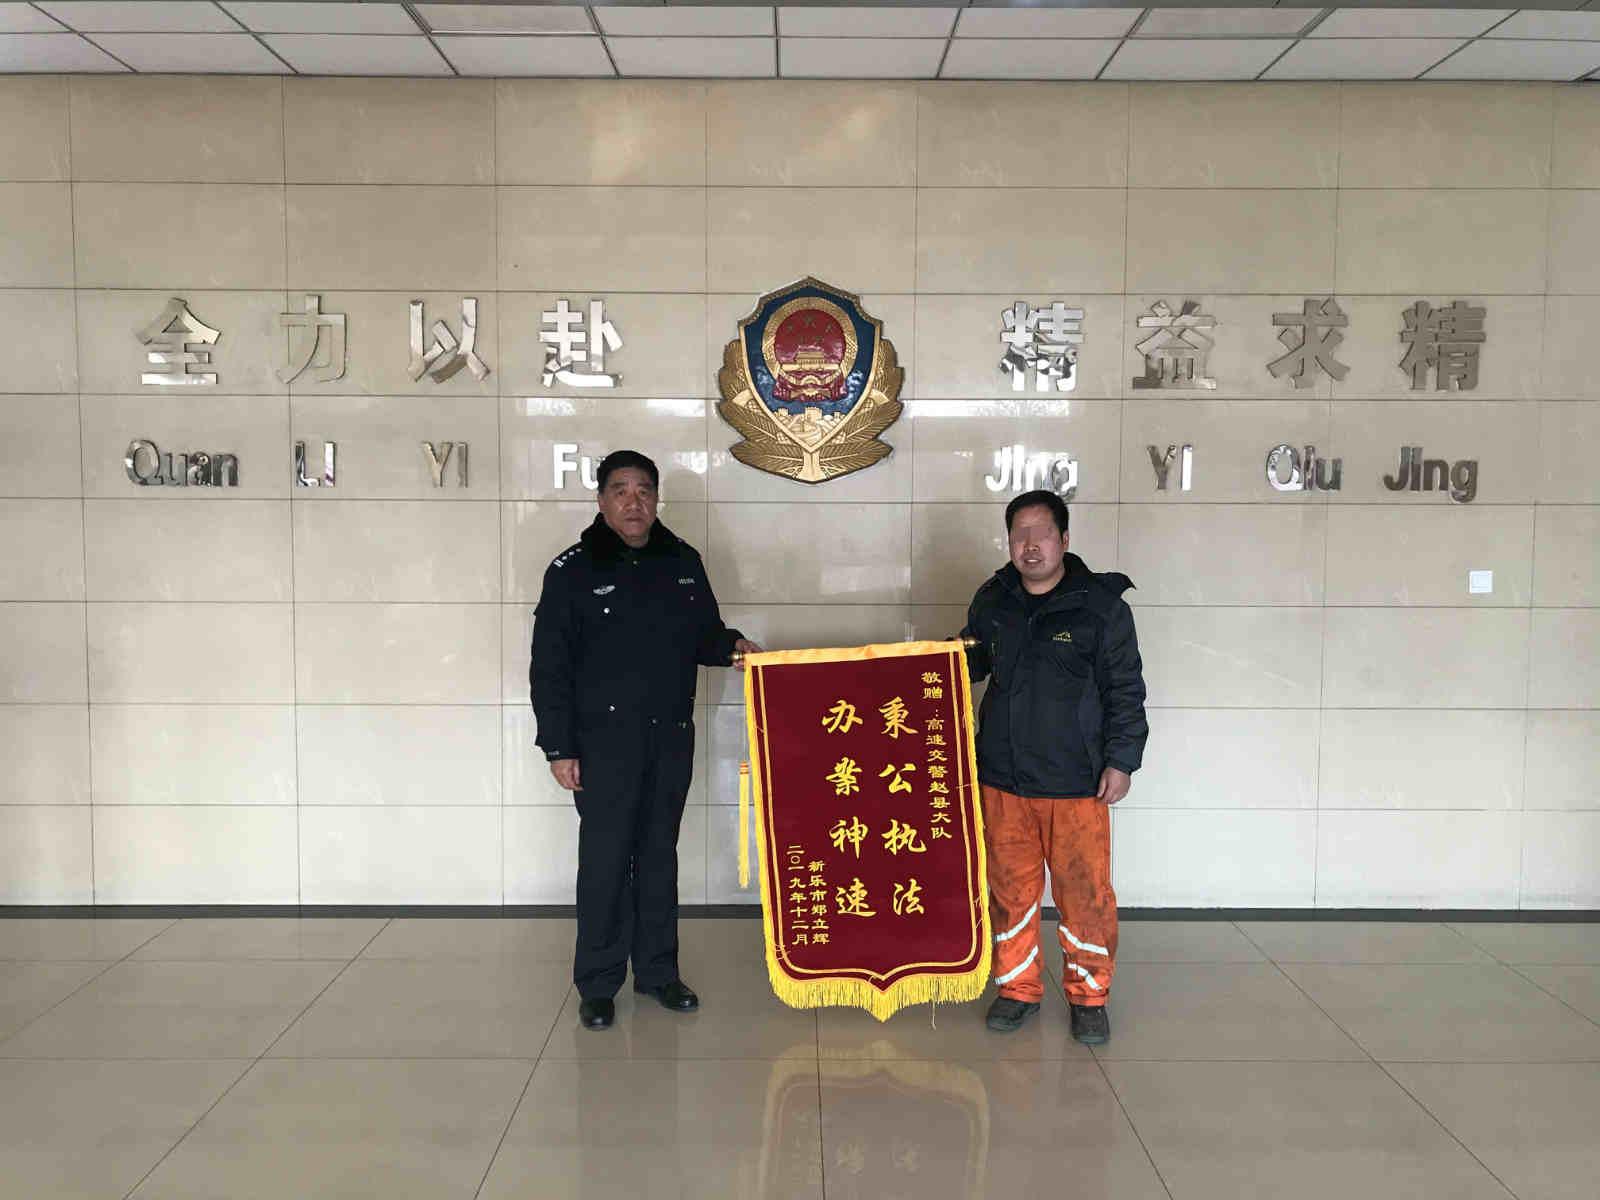 河北高速交警赵县大队妥善处置一起打架治安事件受获锦旗